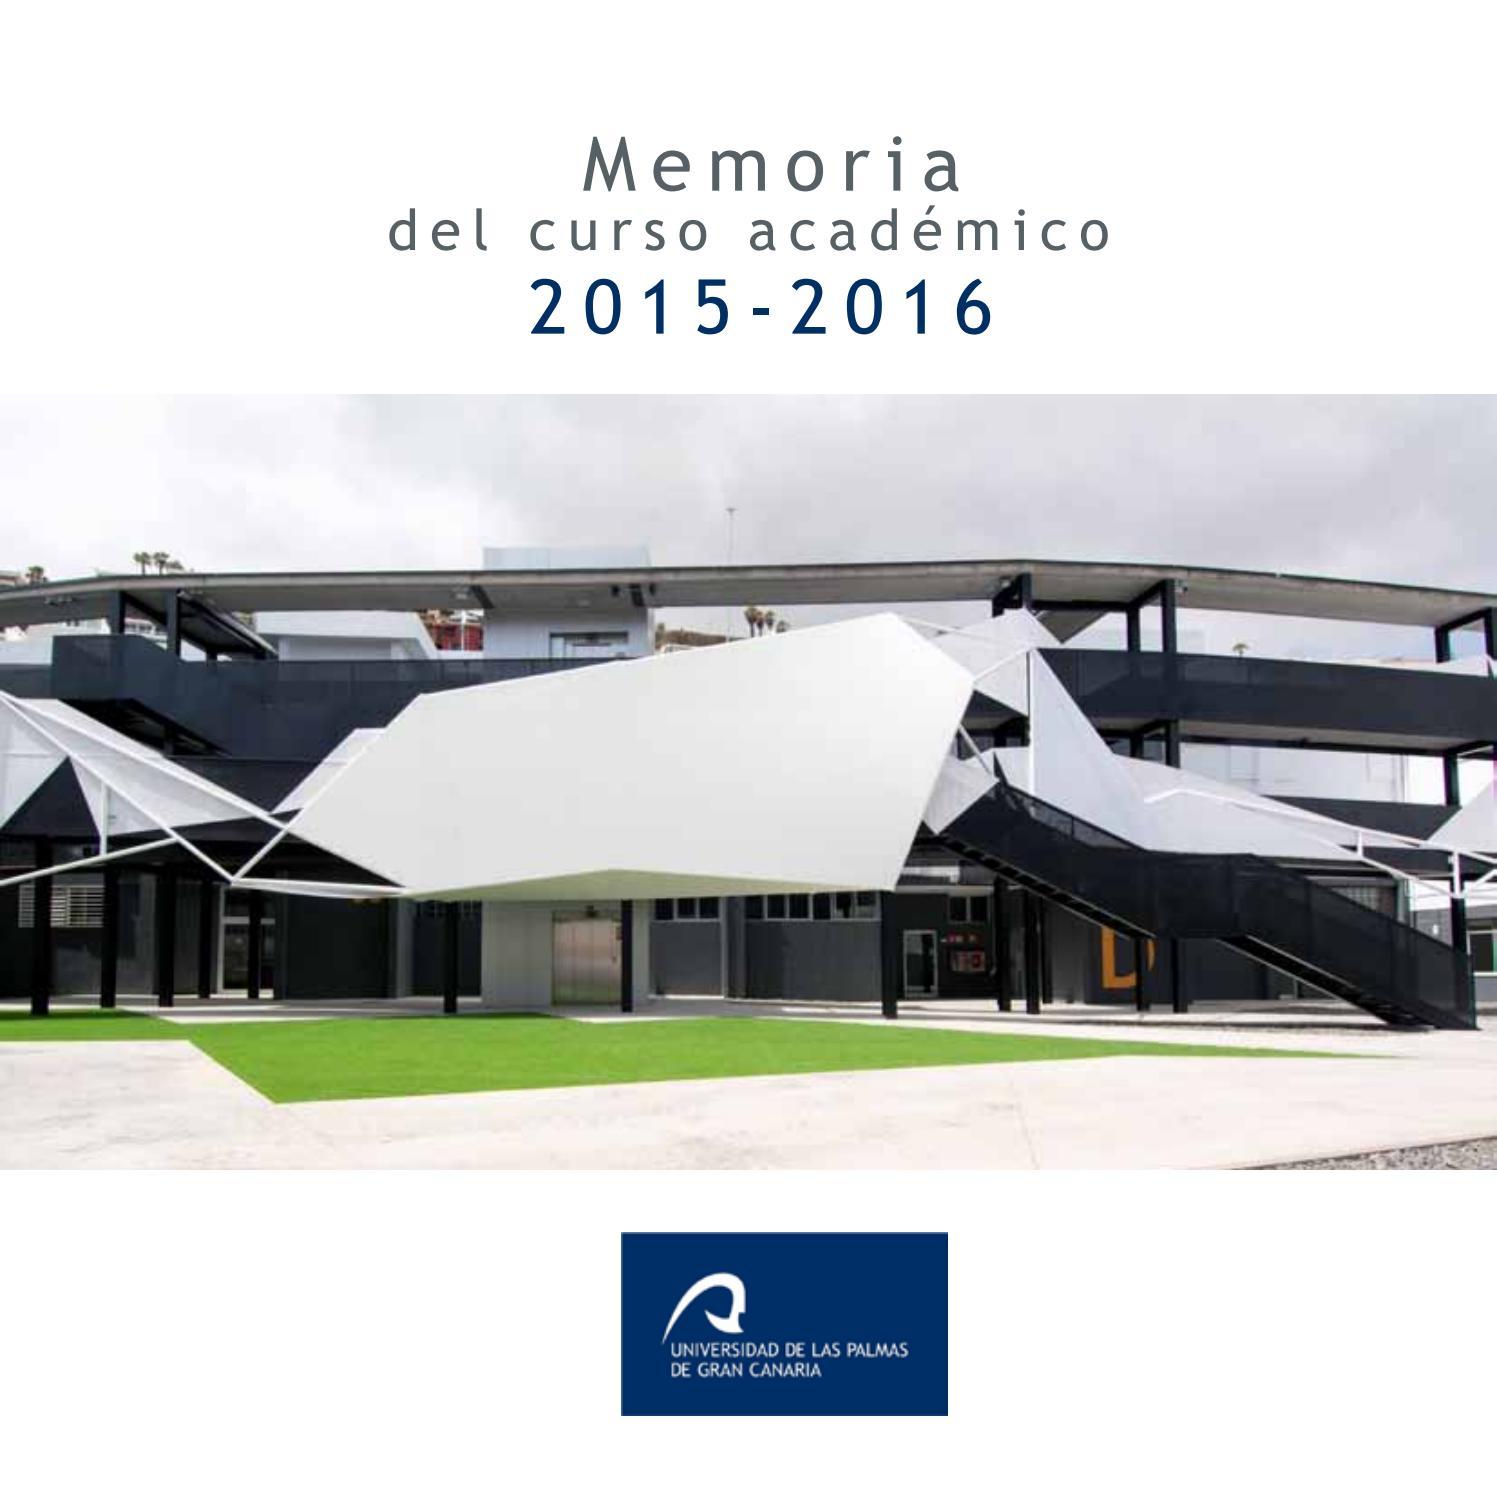 Memoria ULPGC Curso académico 2015-2016 by Universidad de Las Palmas ...